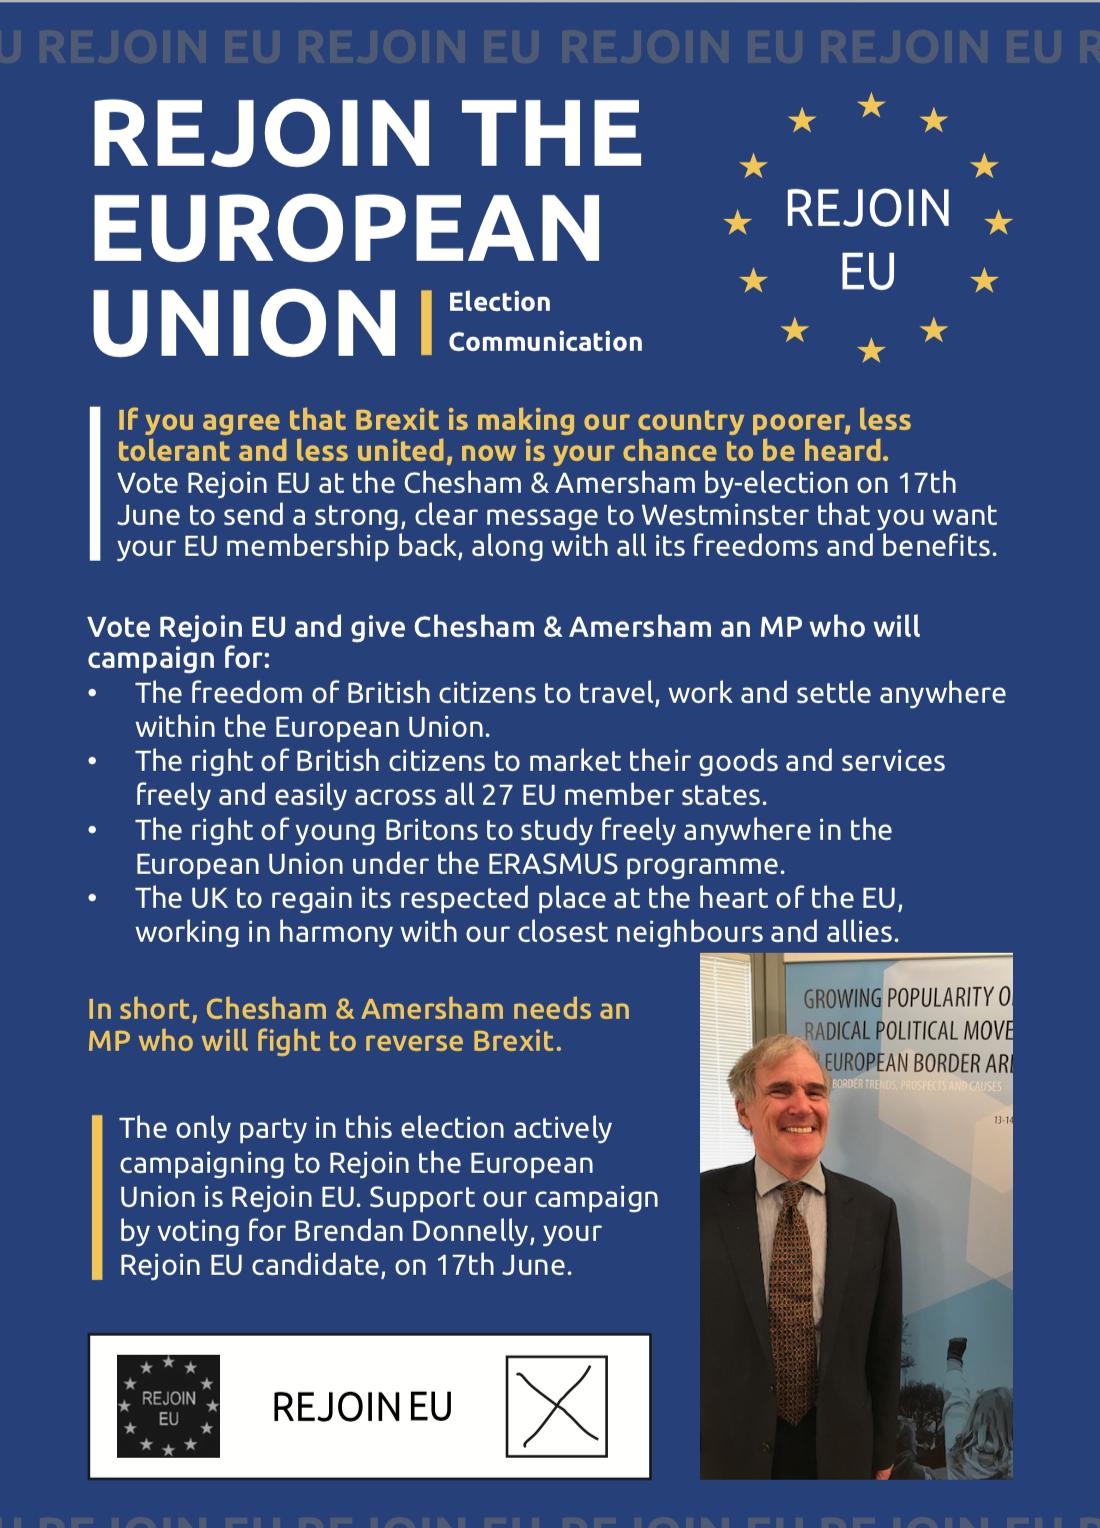 Rejoin EU